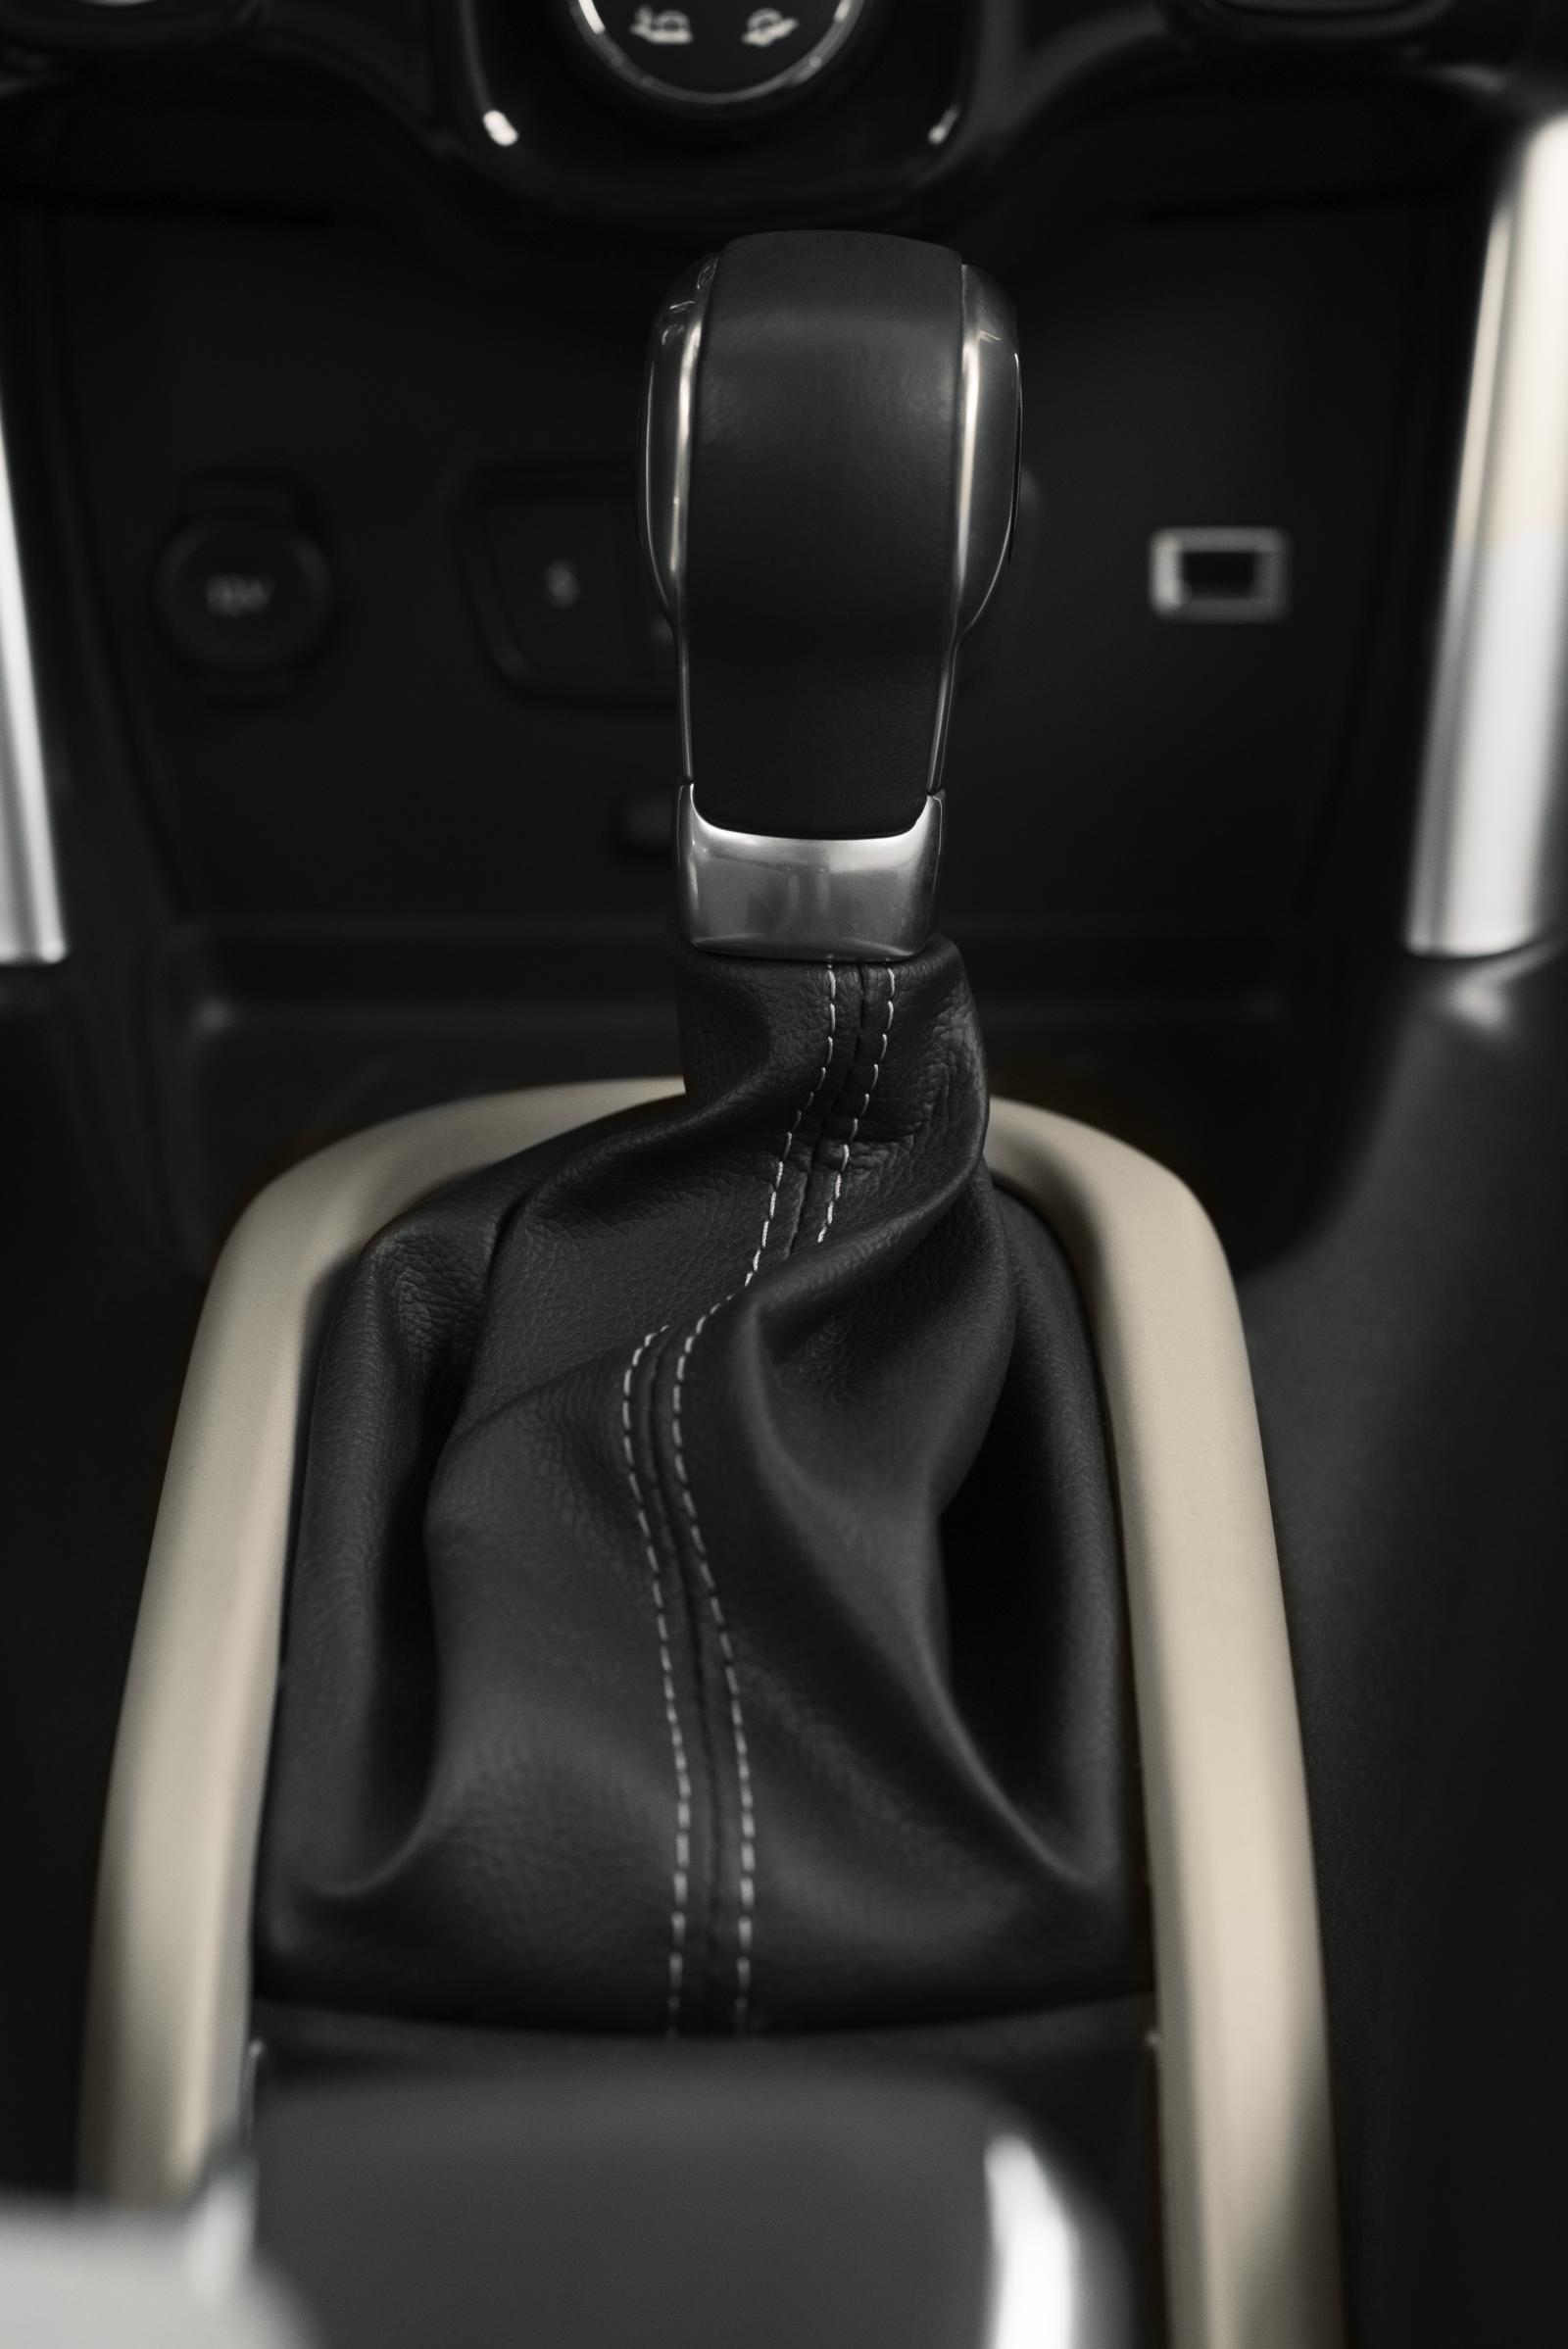 SUV Compact C3 Aircross - Alavanca de velocidades